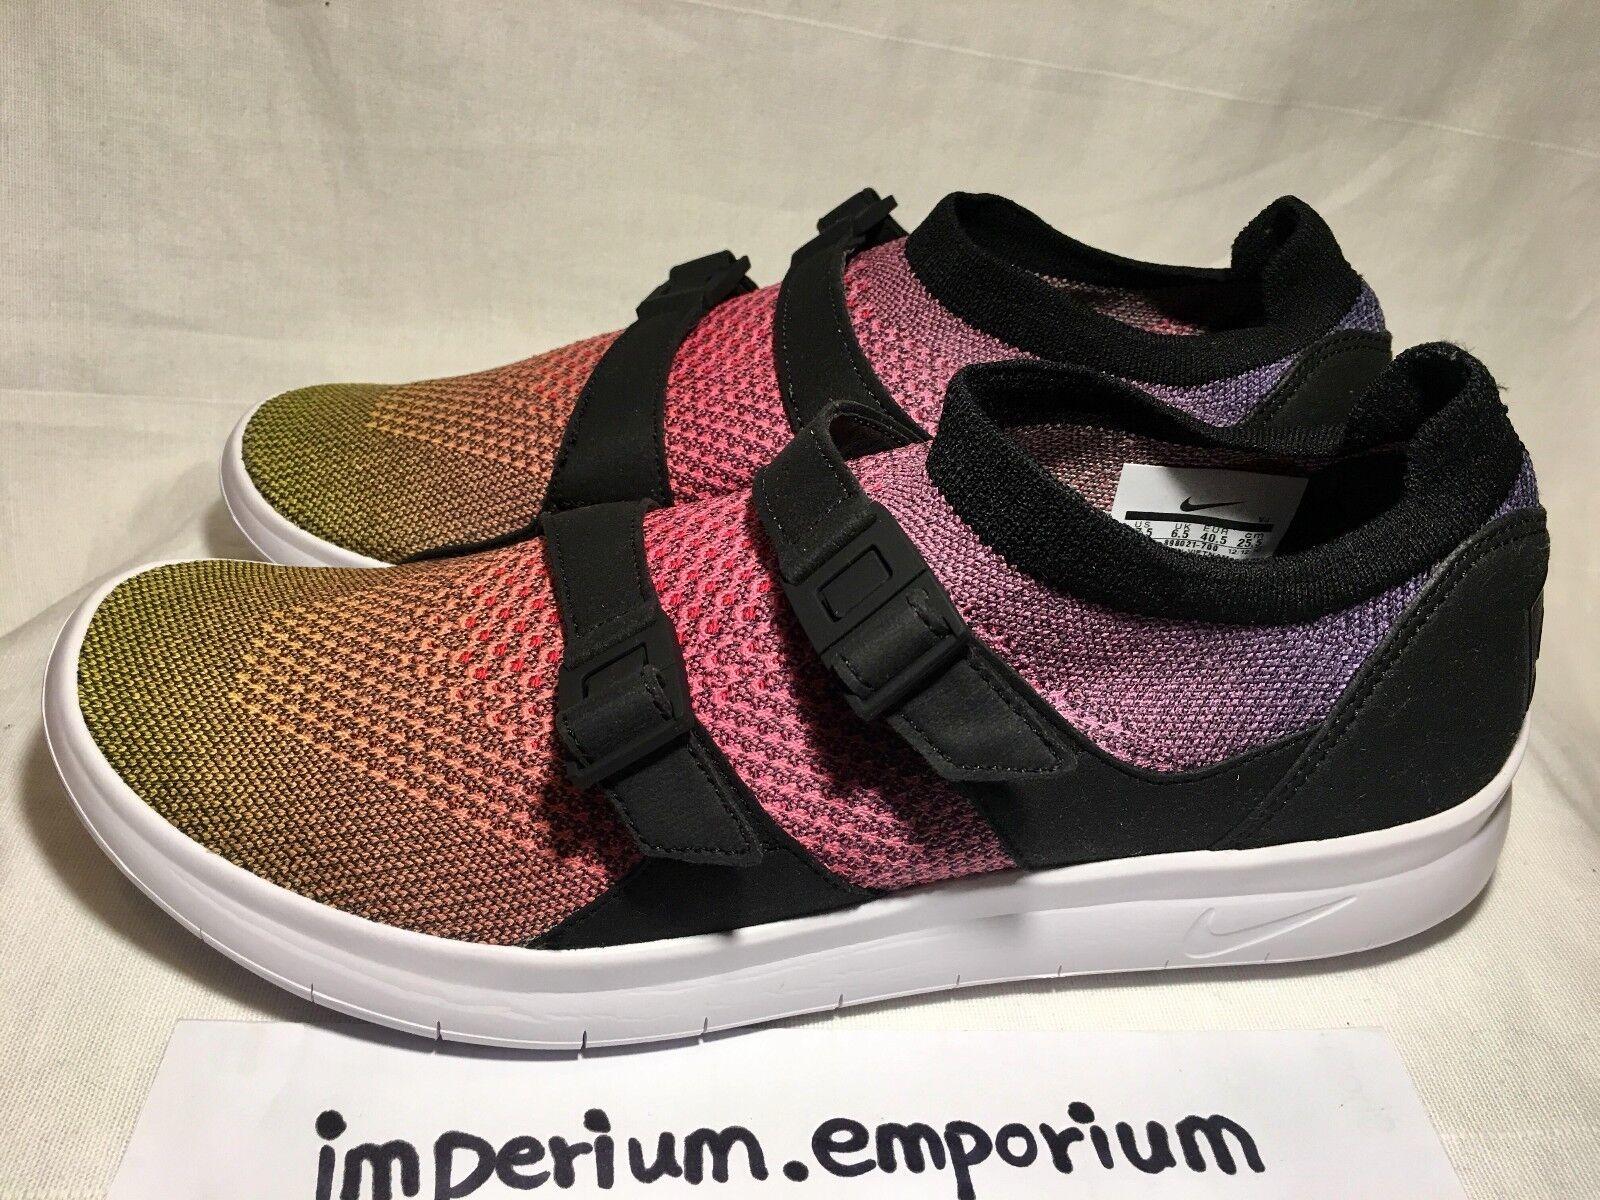 Zapatos casuales salvajes Para hombres Nike Air sockracer Flyknit PRM Zapatillas Zapatillas Amarillo/Rosa Size Uk 6.5